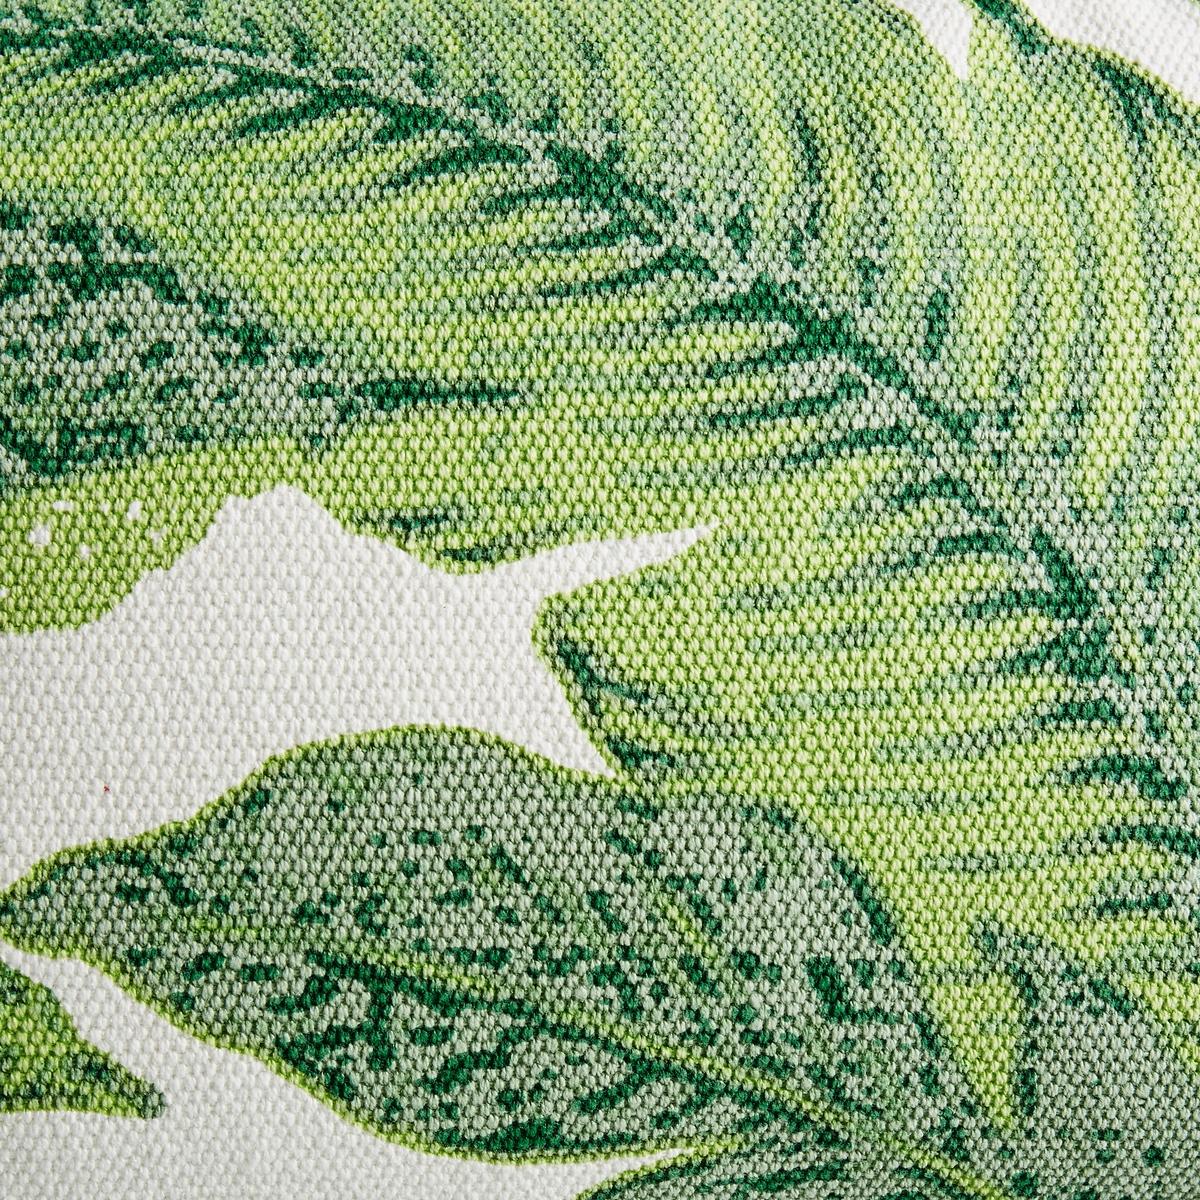 Чехол на подушку SaskiaЧехол на подушку с рисунком листья. 100 % хлопка. Застежка на молнию.Размеры:. 60 x 40 см.<br><br>Цвет: набивной рисунок<br>Размер: 60 x 40  см